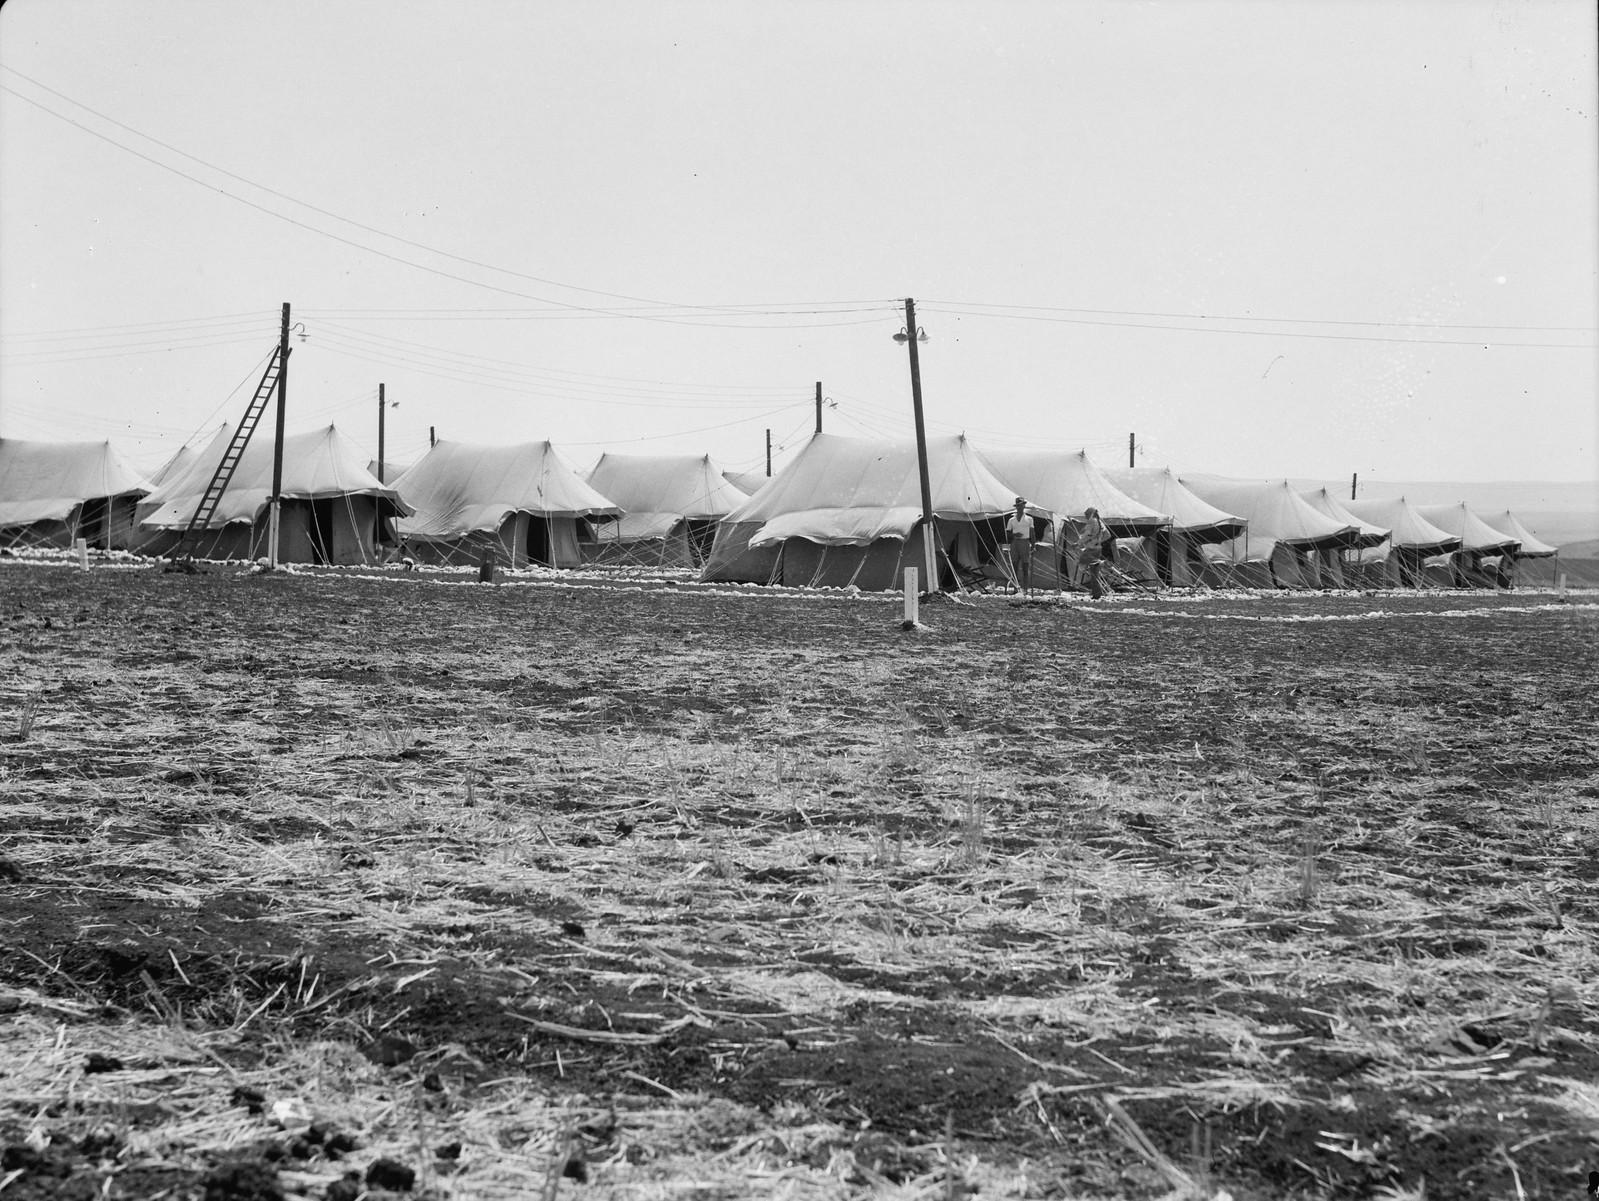 04. Лагерь IPC (Иракская нефтяная компания). Более близкий вид